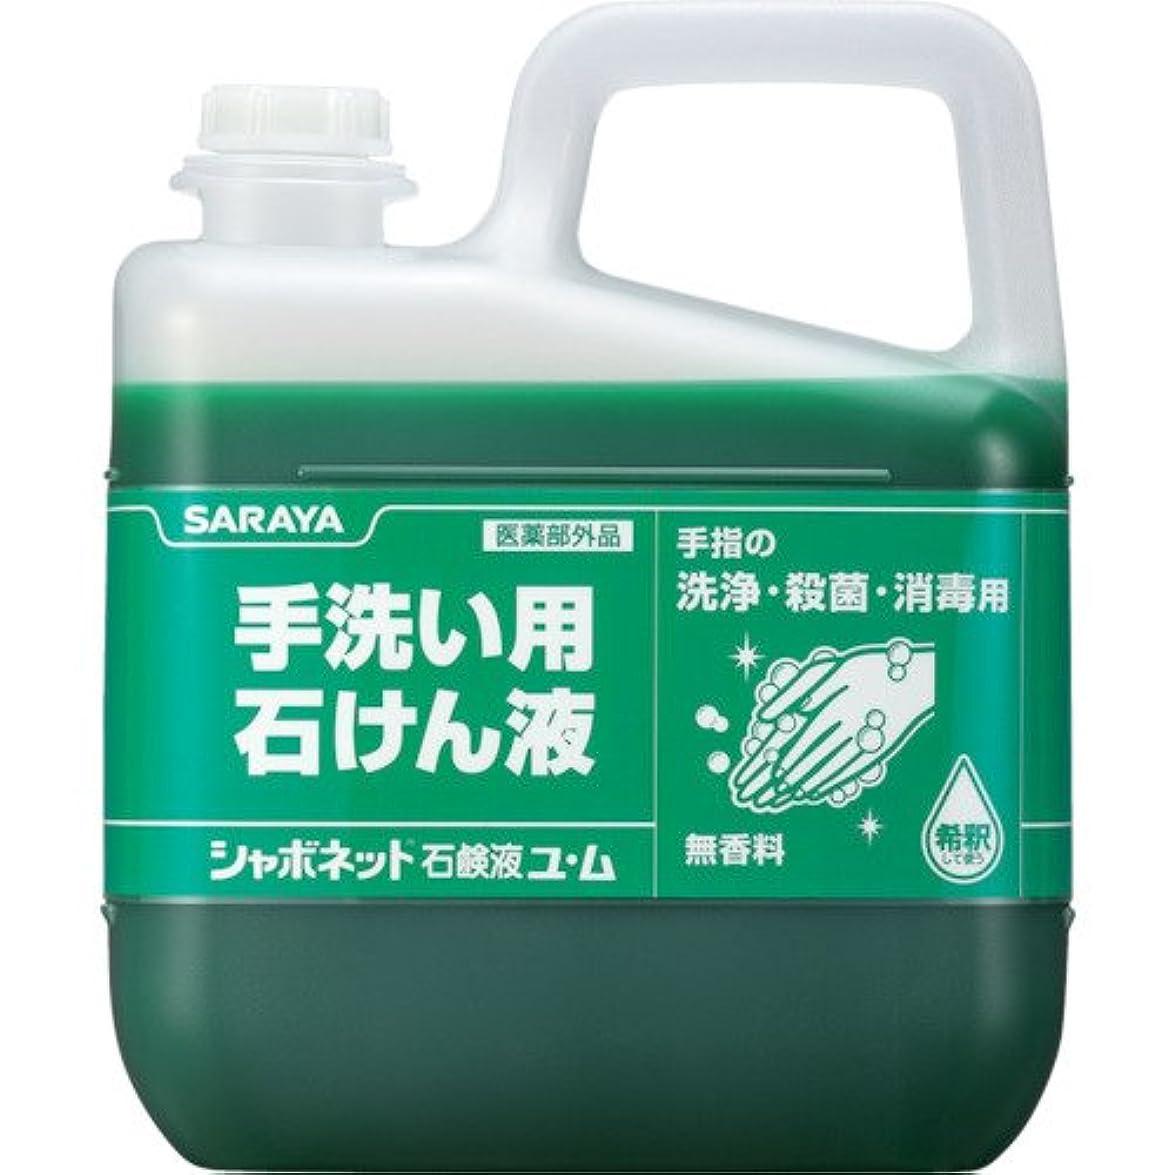 マトンフットボール洗練されたサラヤ ハンドソープ シャボネット石鹸液ユ?ム 5kg